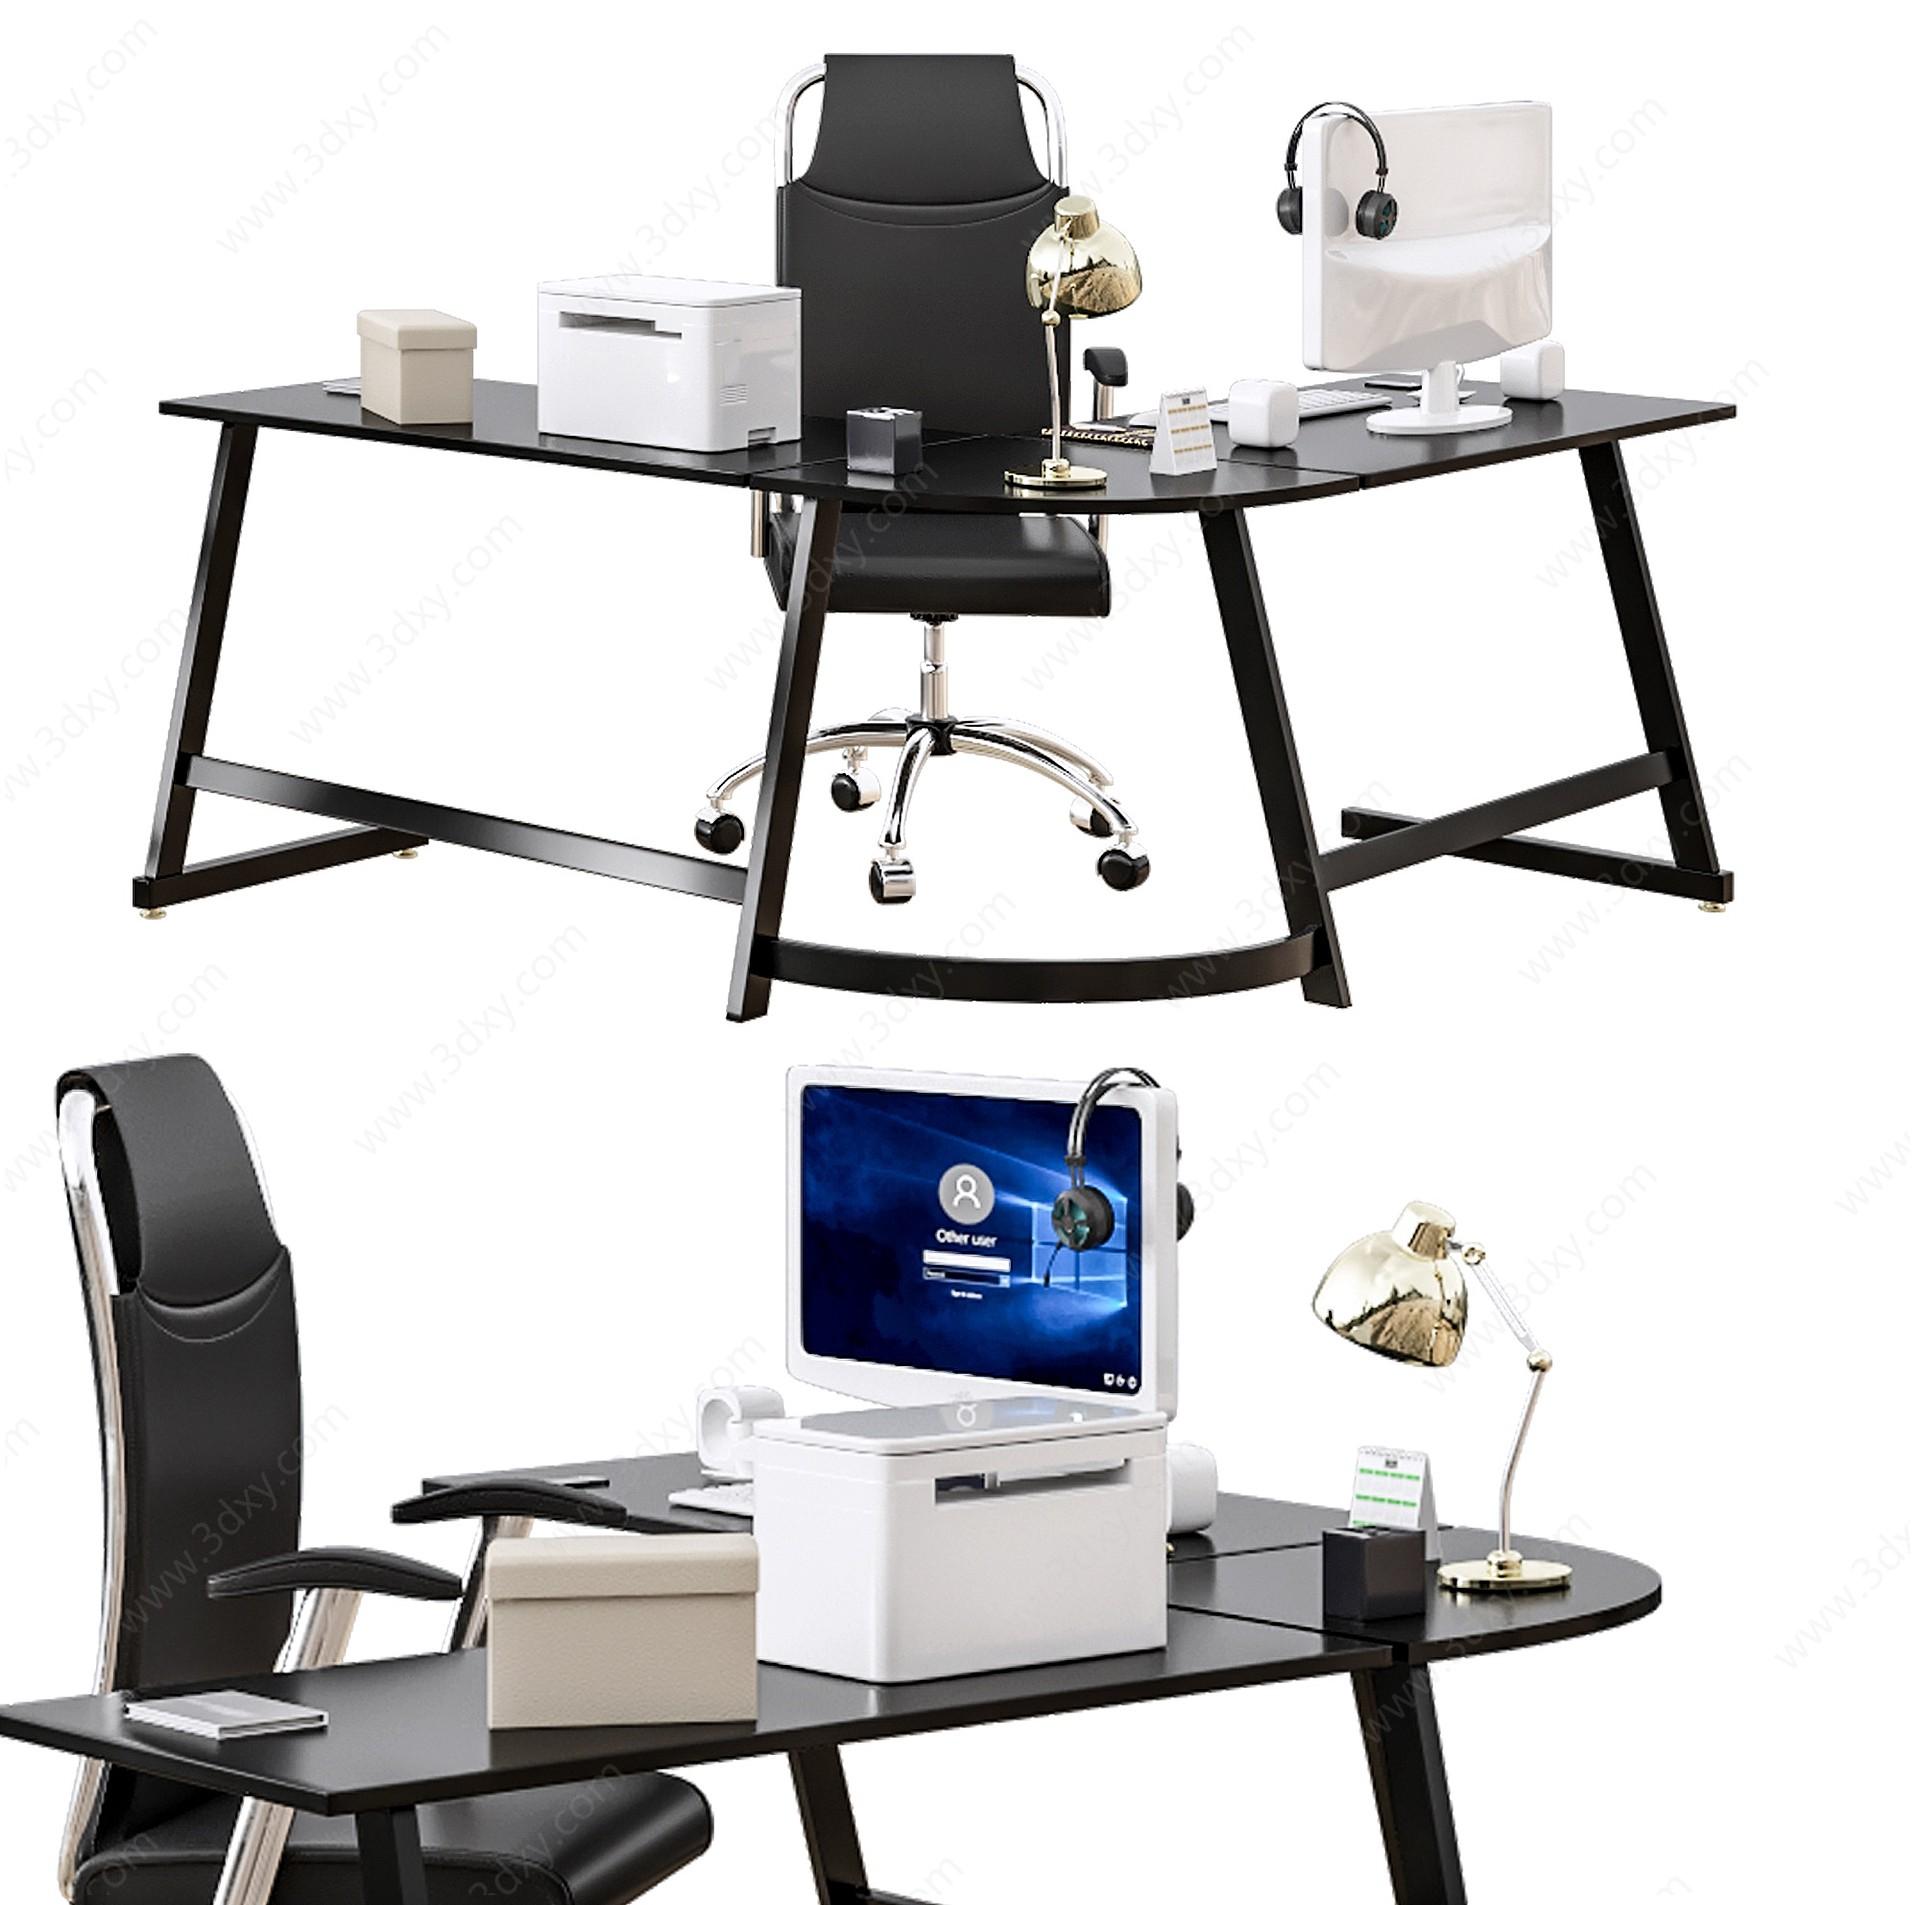 現代輕奢半圓弧經理辦公桌3D模型